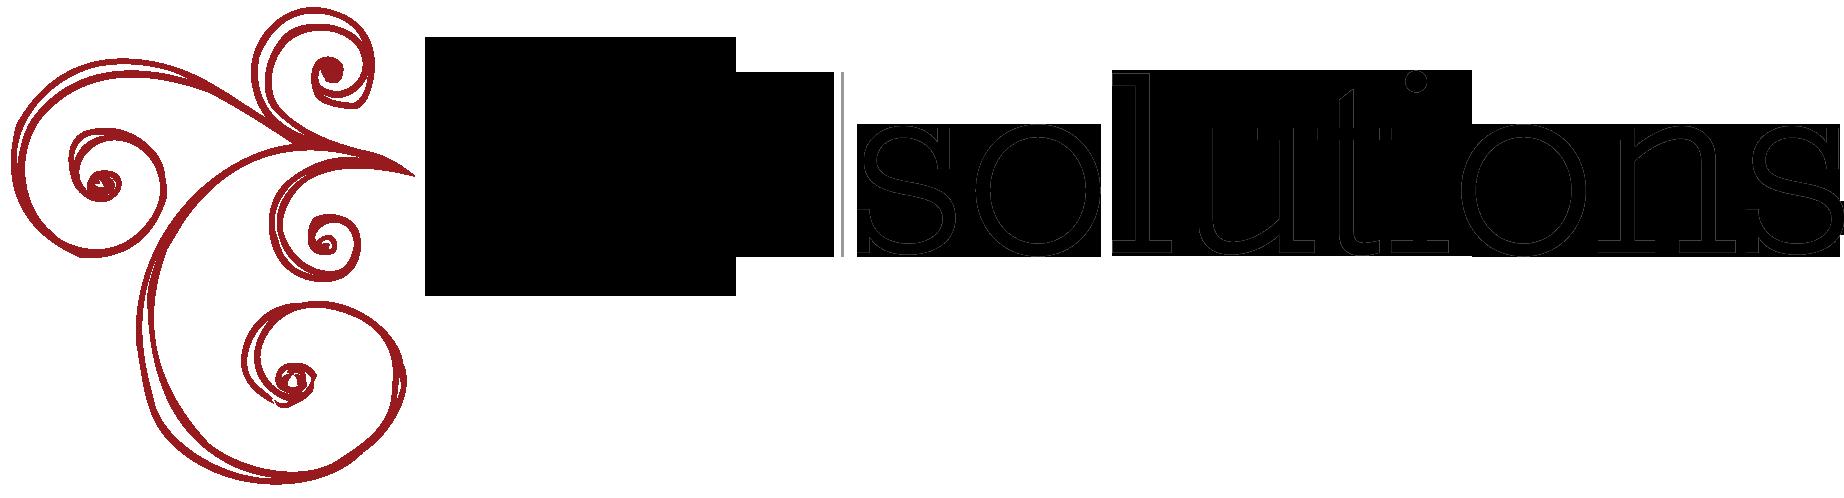 e27_logo.png